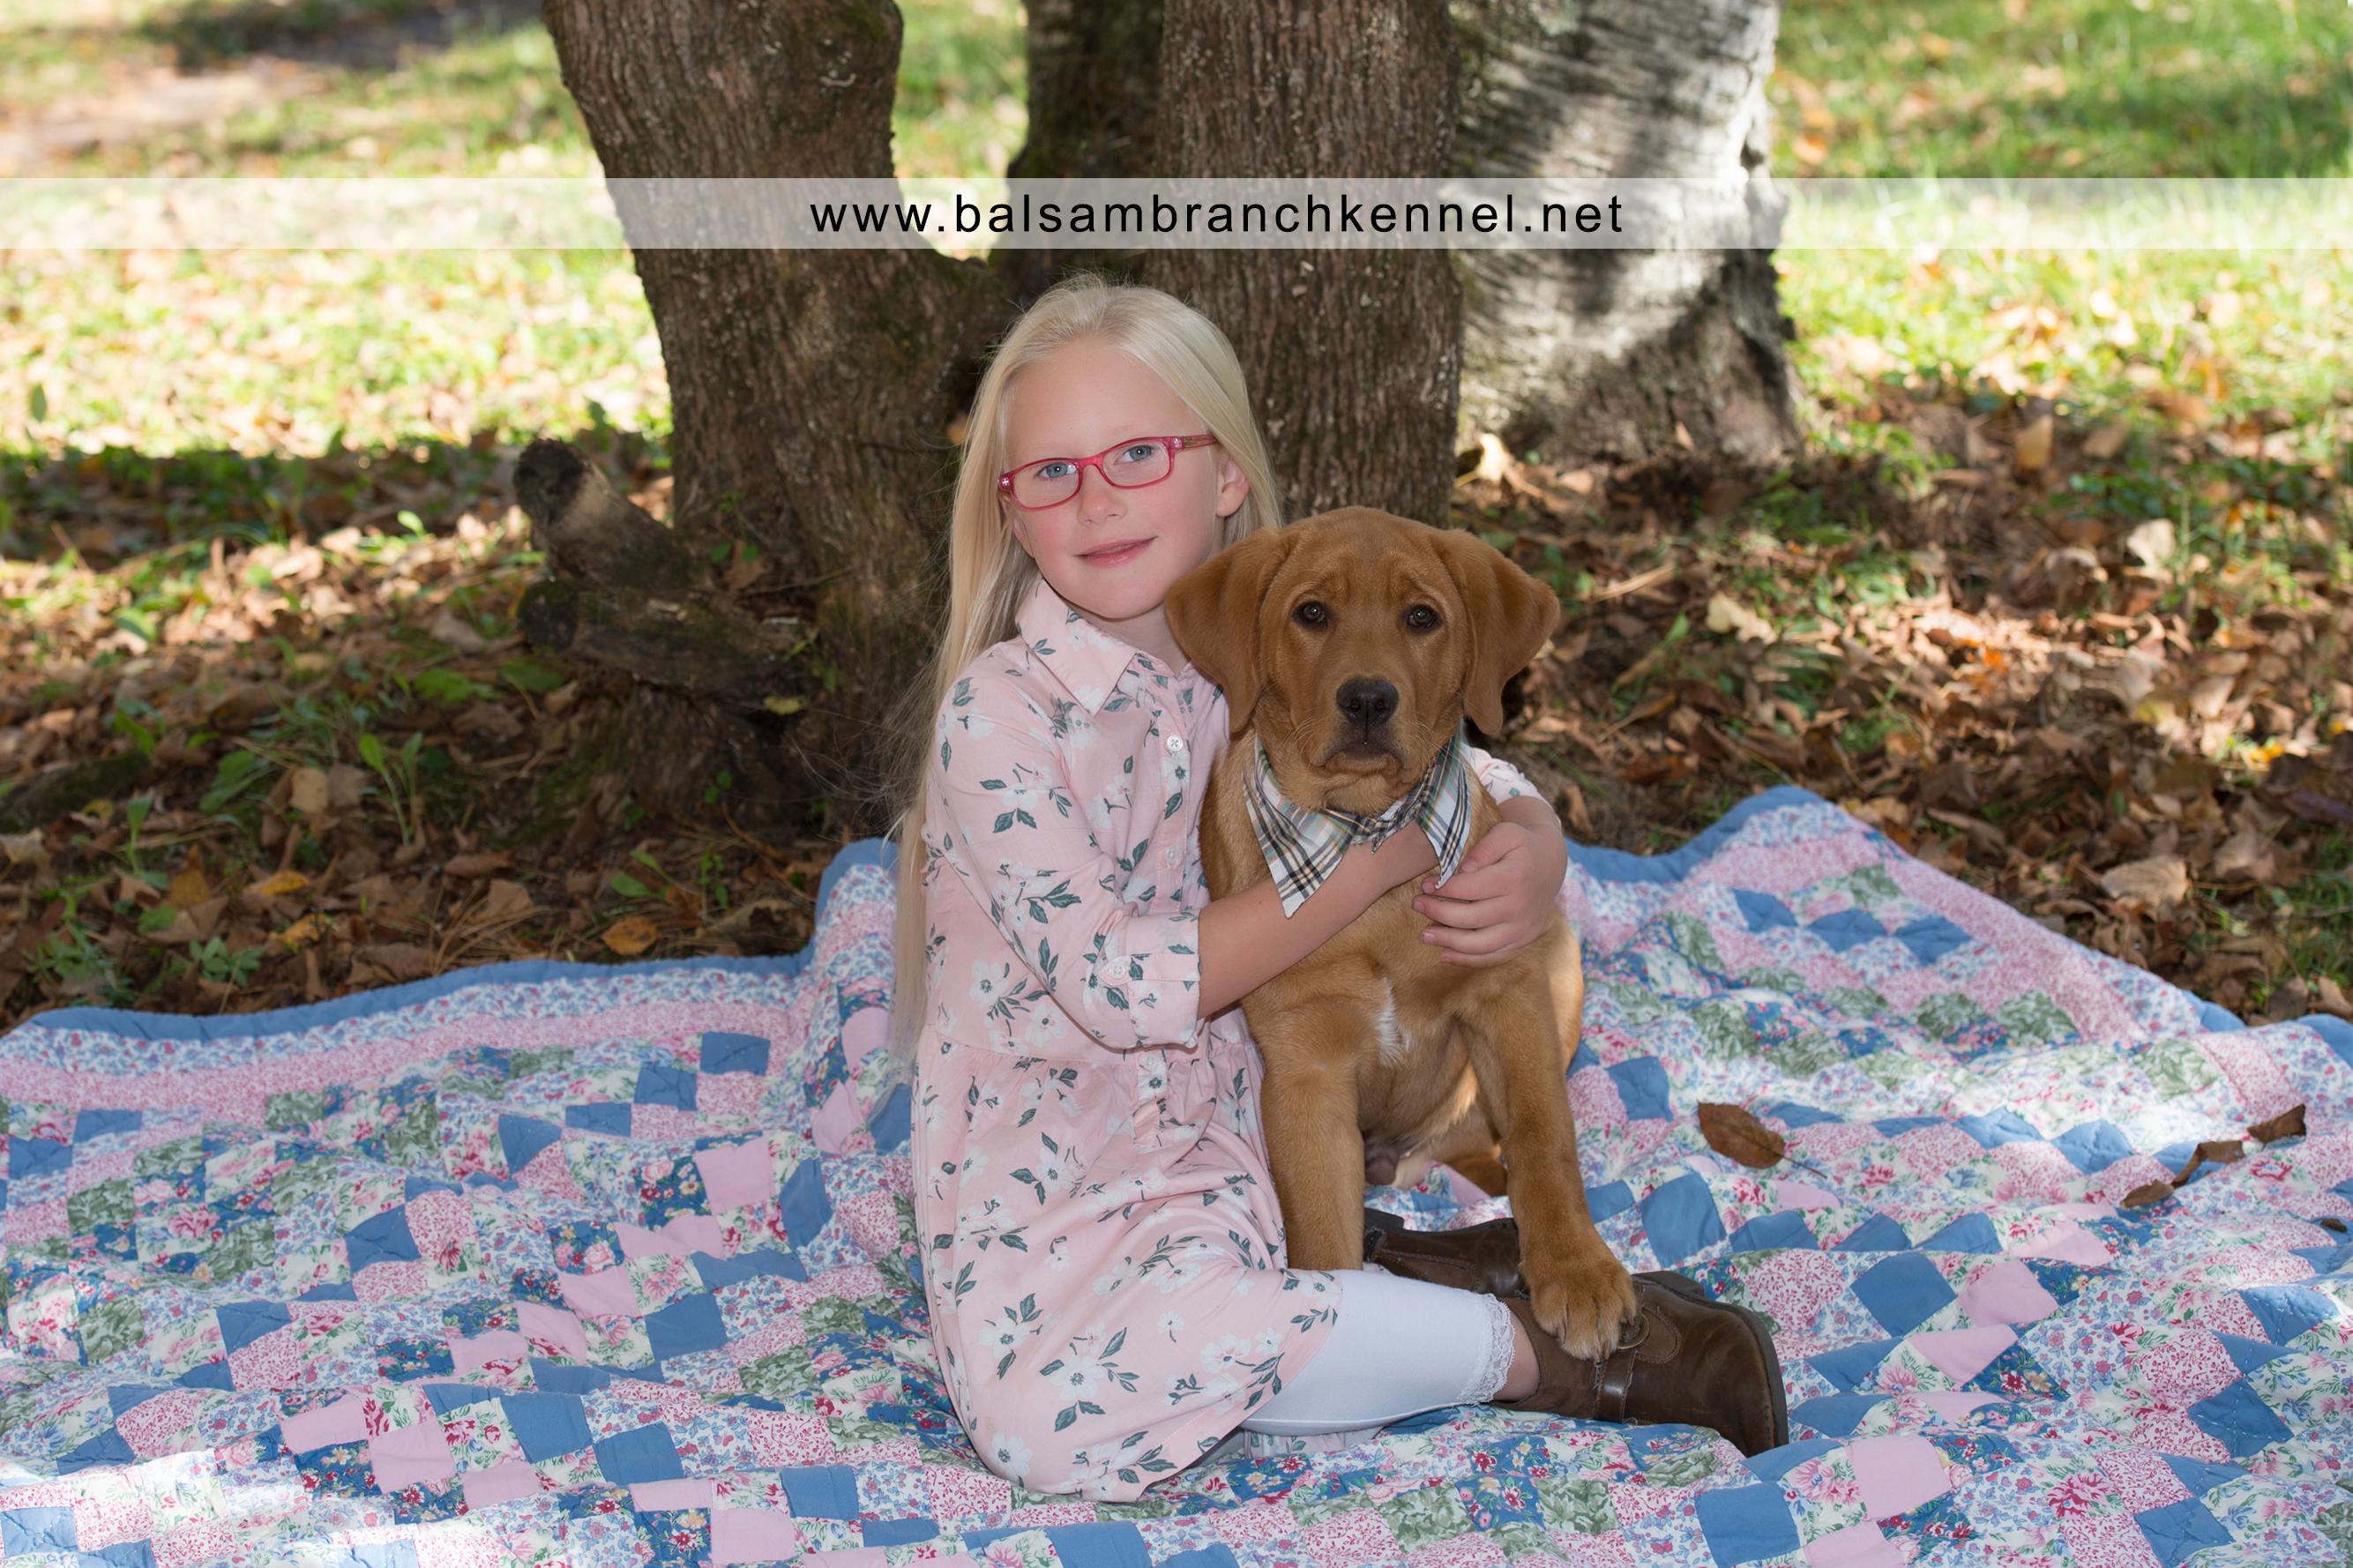 Teddy Fox Red Lab Puppy 4 Months Old Balsam Branch Kennel 1 Copy Balsam Branch Kennel